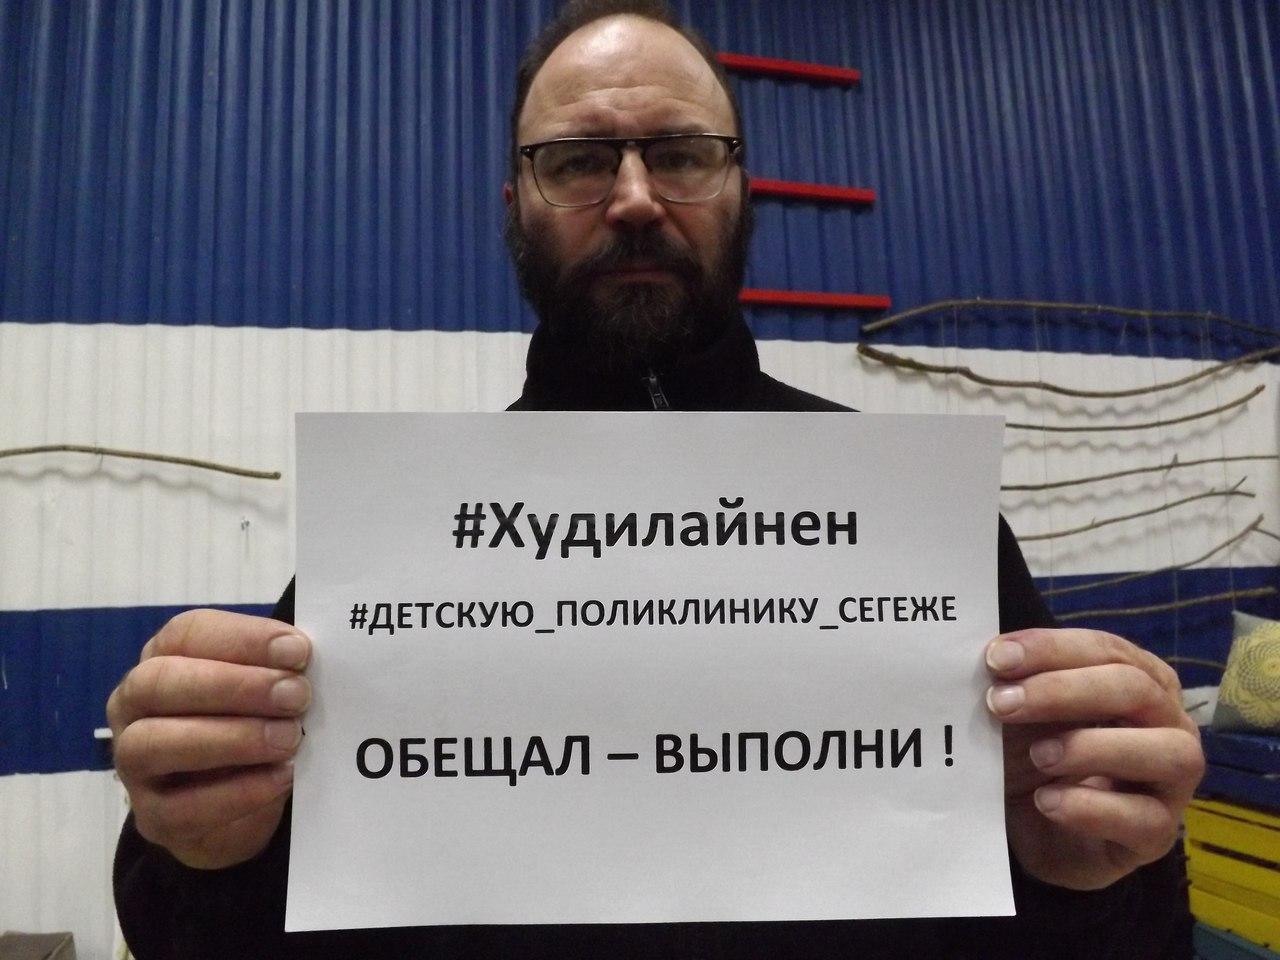 Карельский писатель Сергей Филенко одним из первых поддержал акцию. Фото: facebook.com